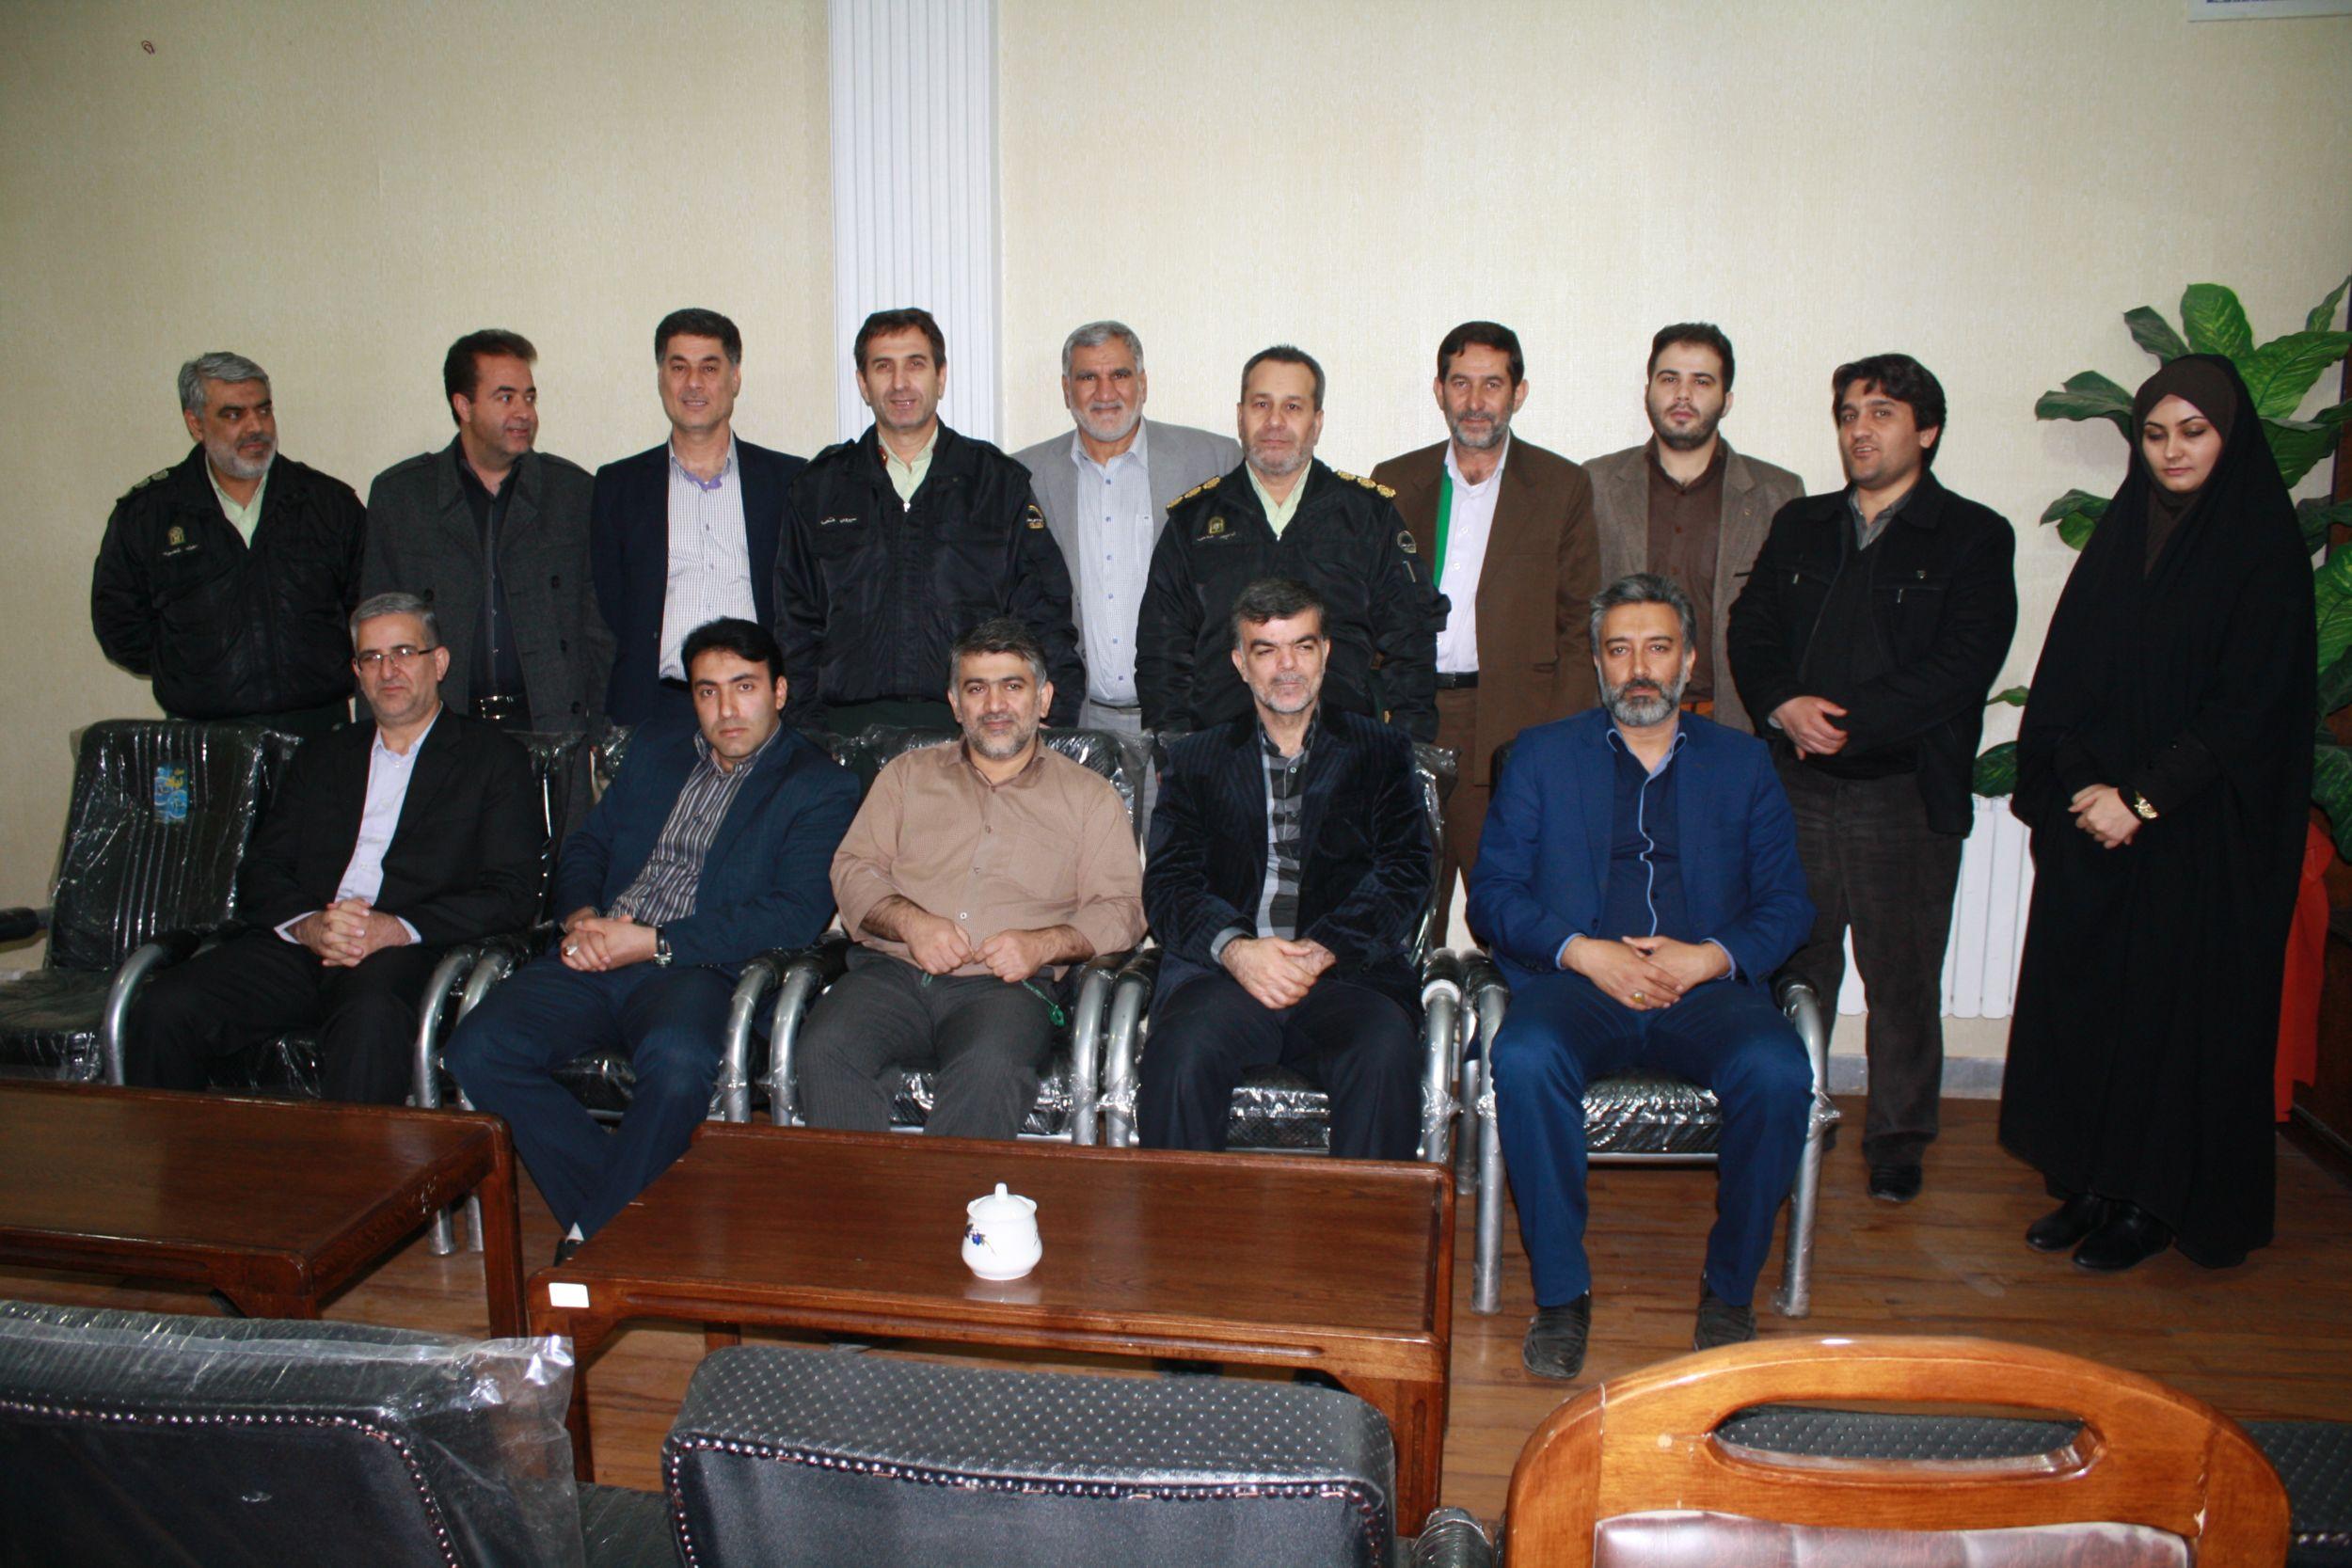 سردار فتحی در جلسه شورای اسلامی شهر ورامین